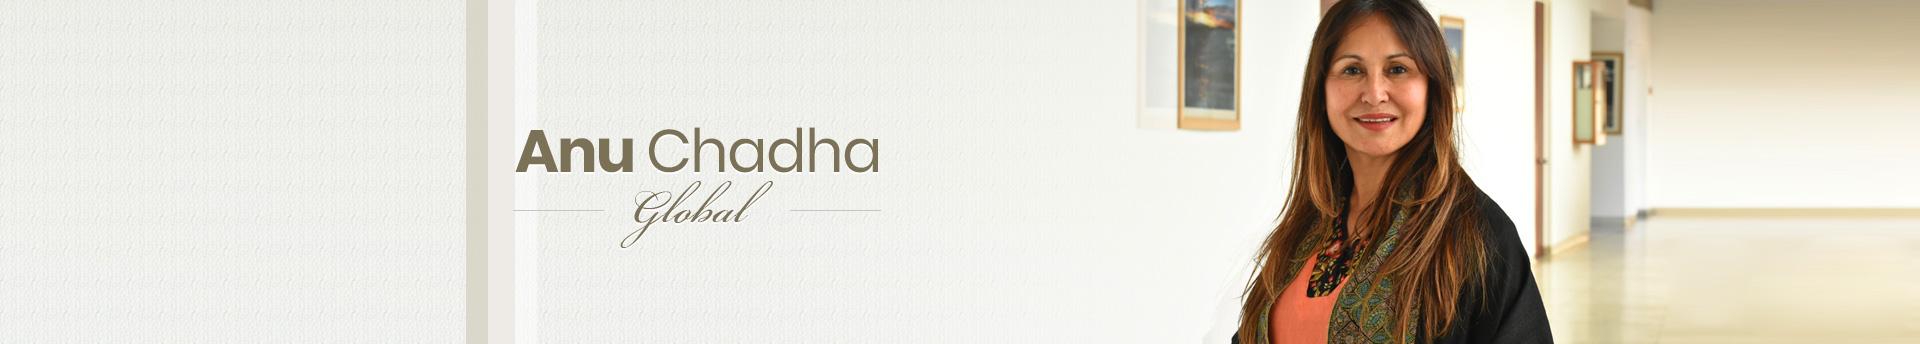 Anu Chadha Global